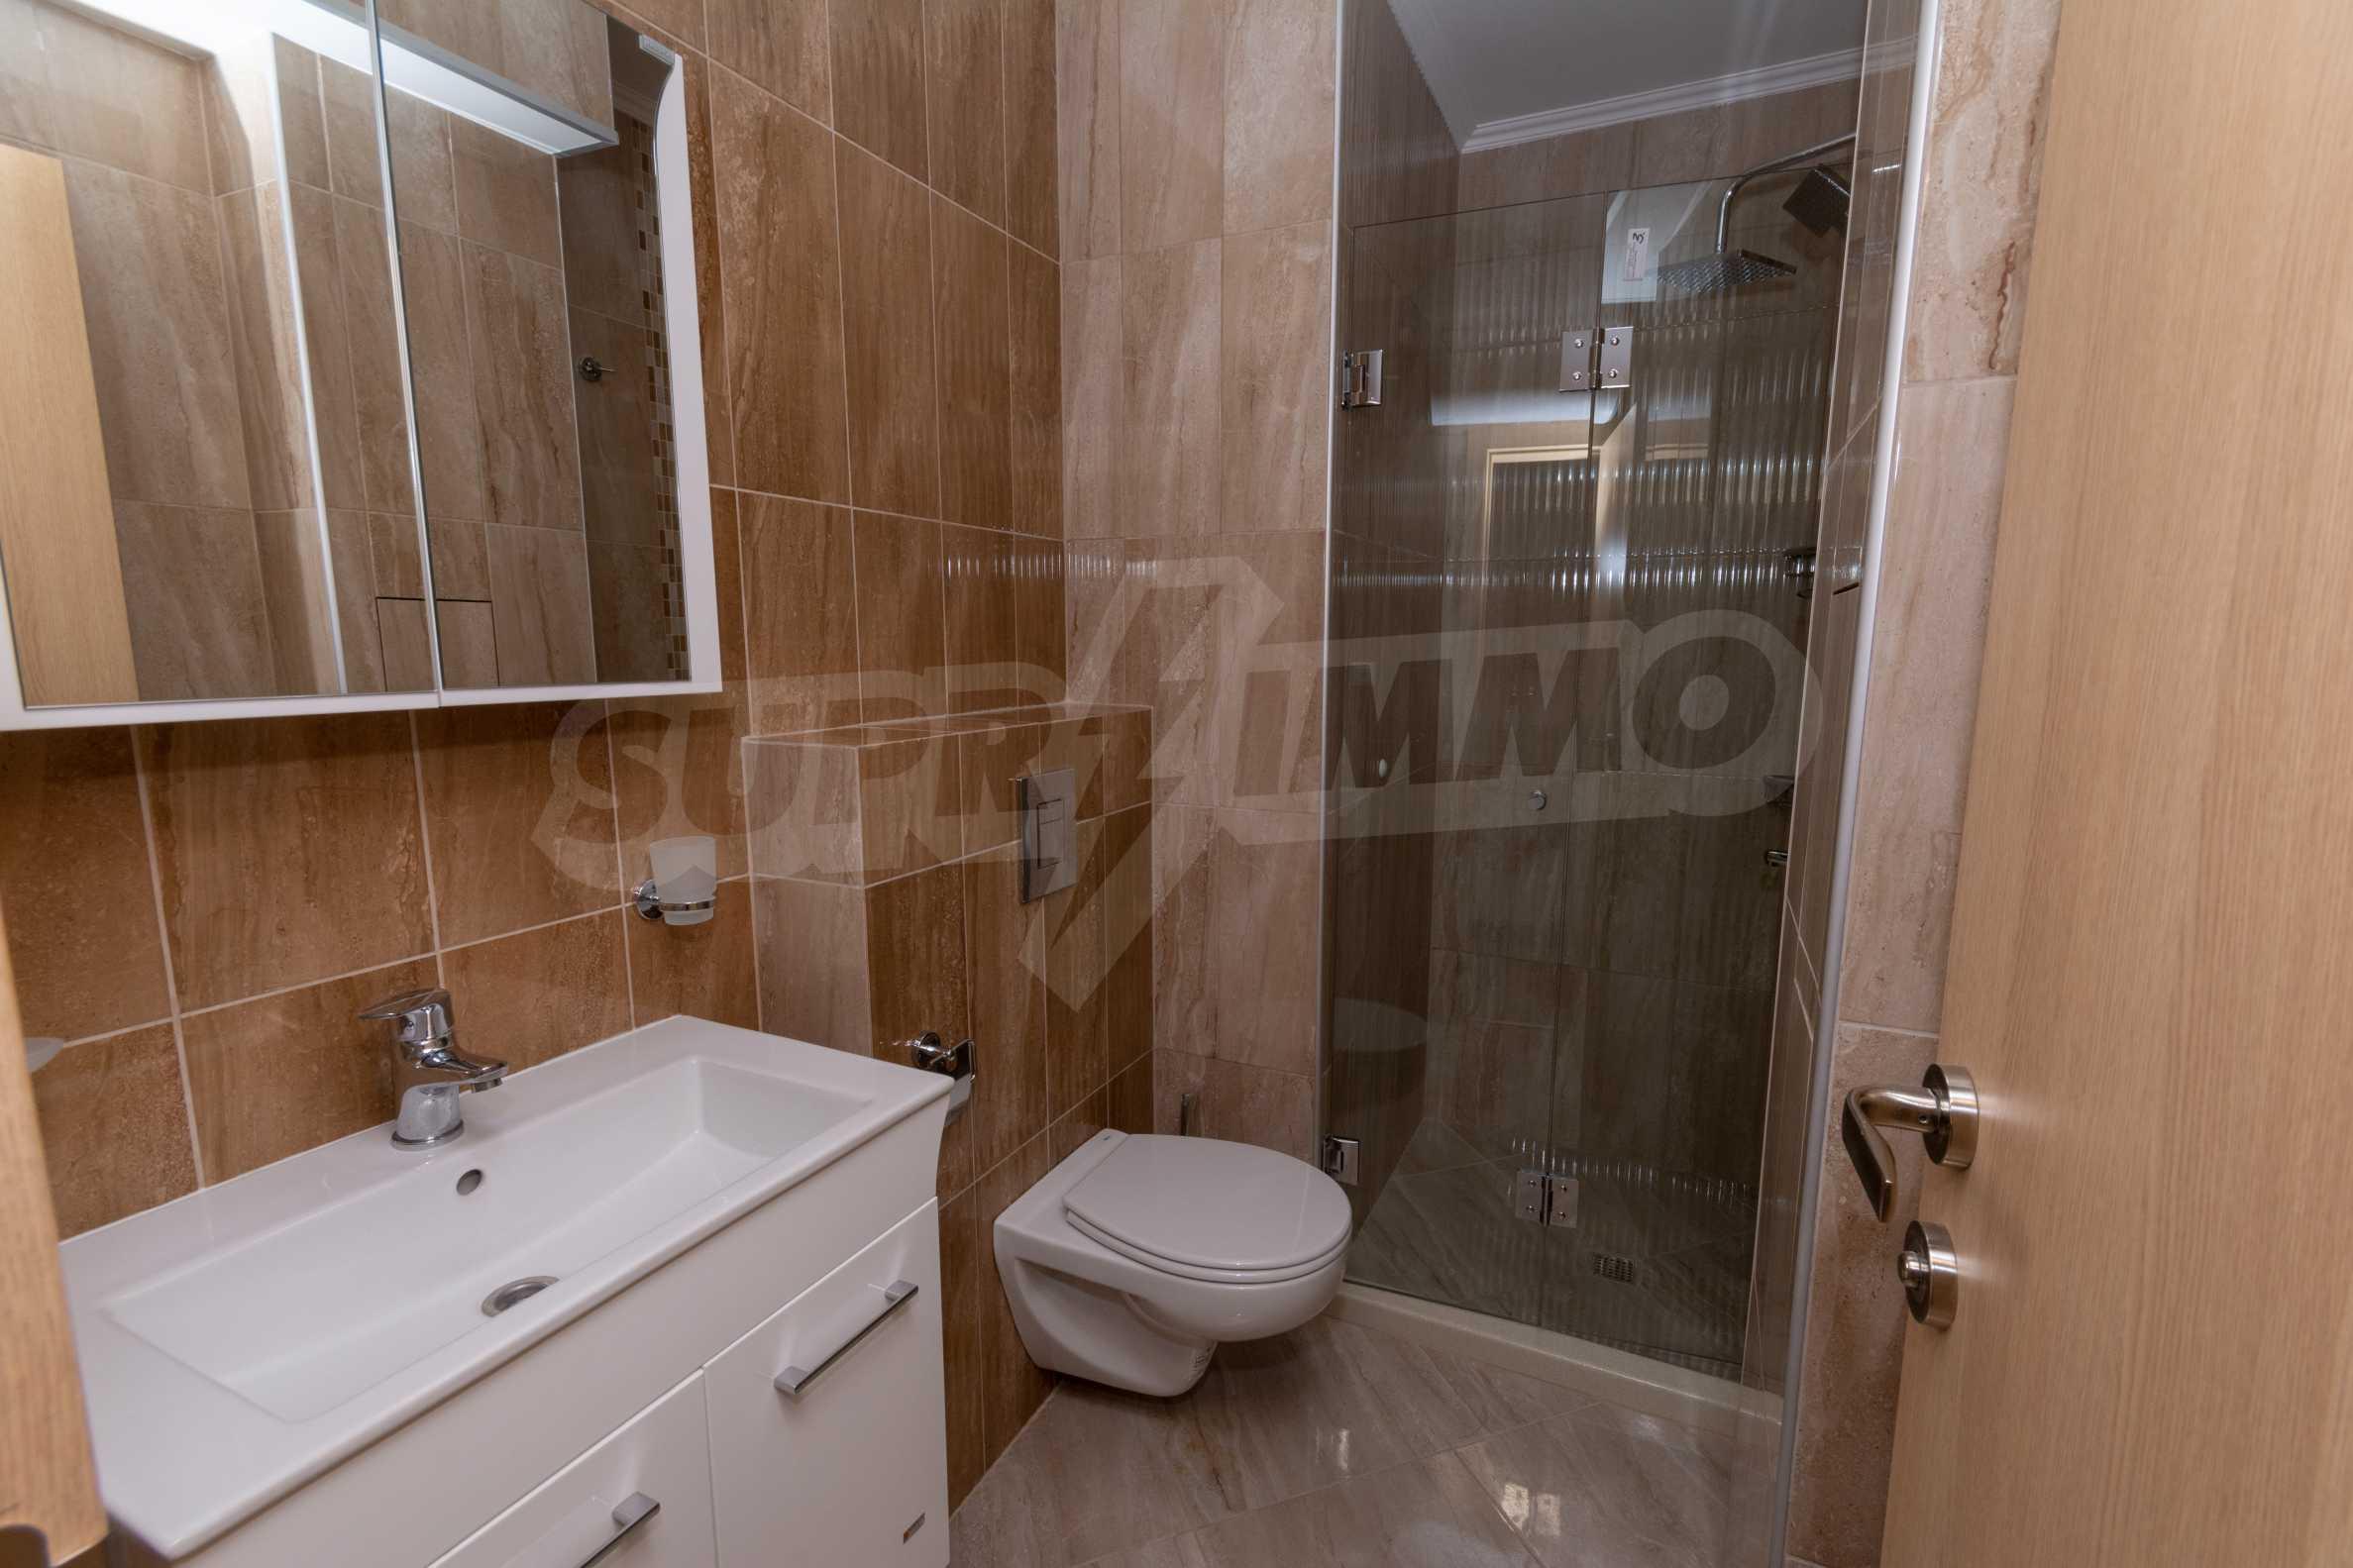 Двустаен апартамент в луксозна жилищна сграда на комуникативна локация в гр.Пловдив 8